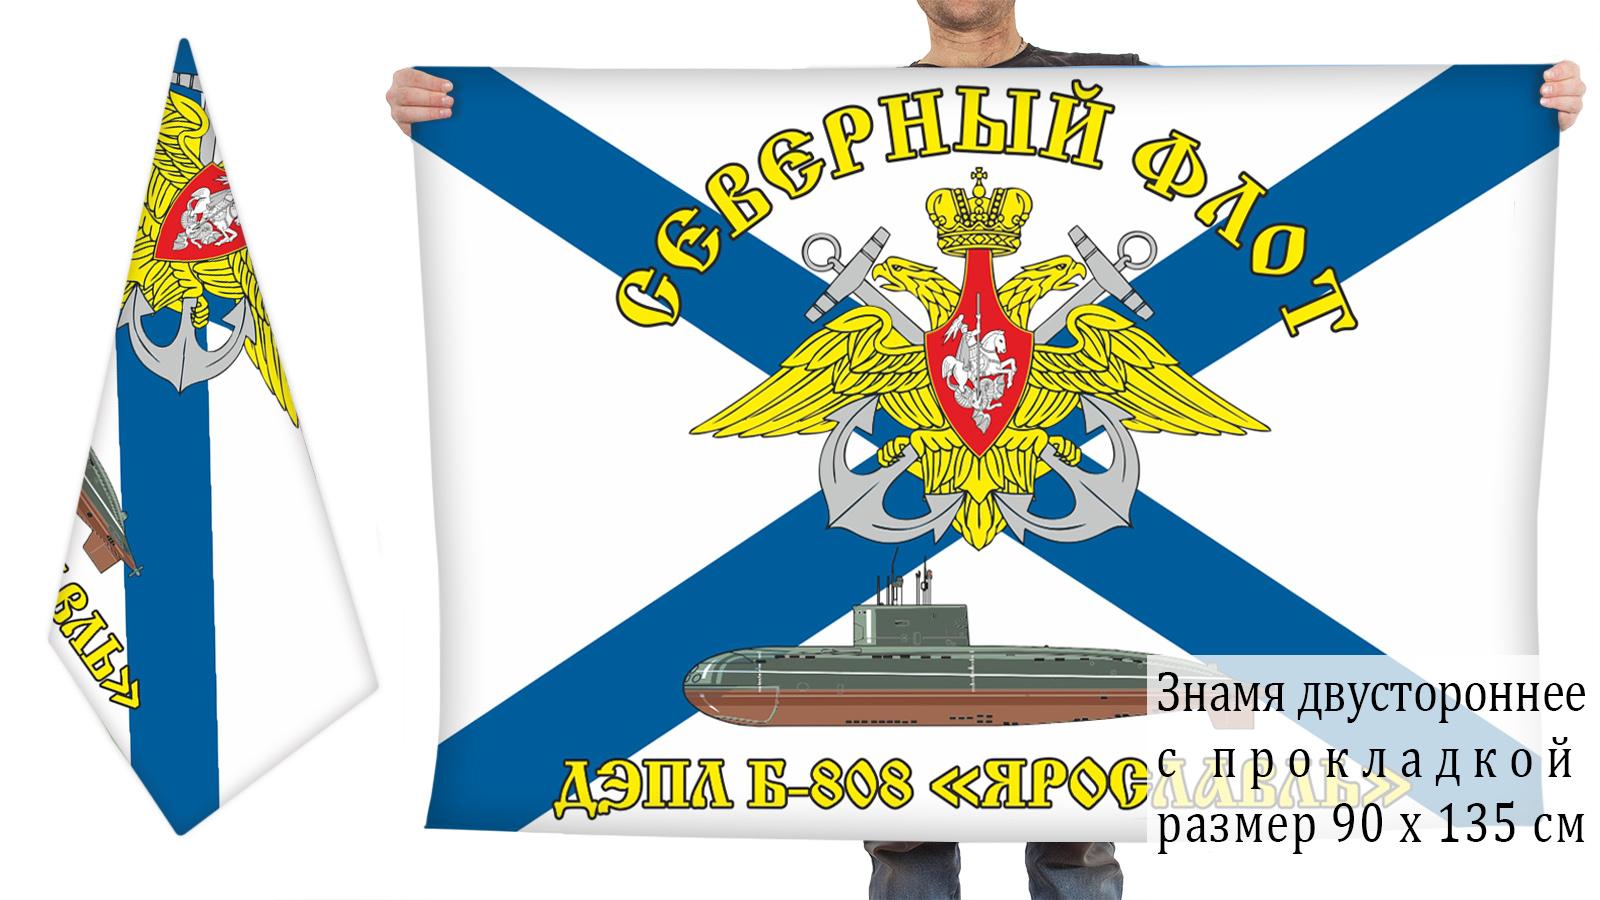 Заказать в Москве флаг Б-808 Ярославль